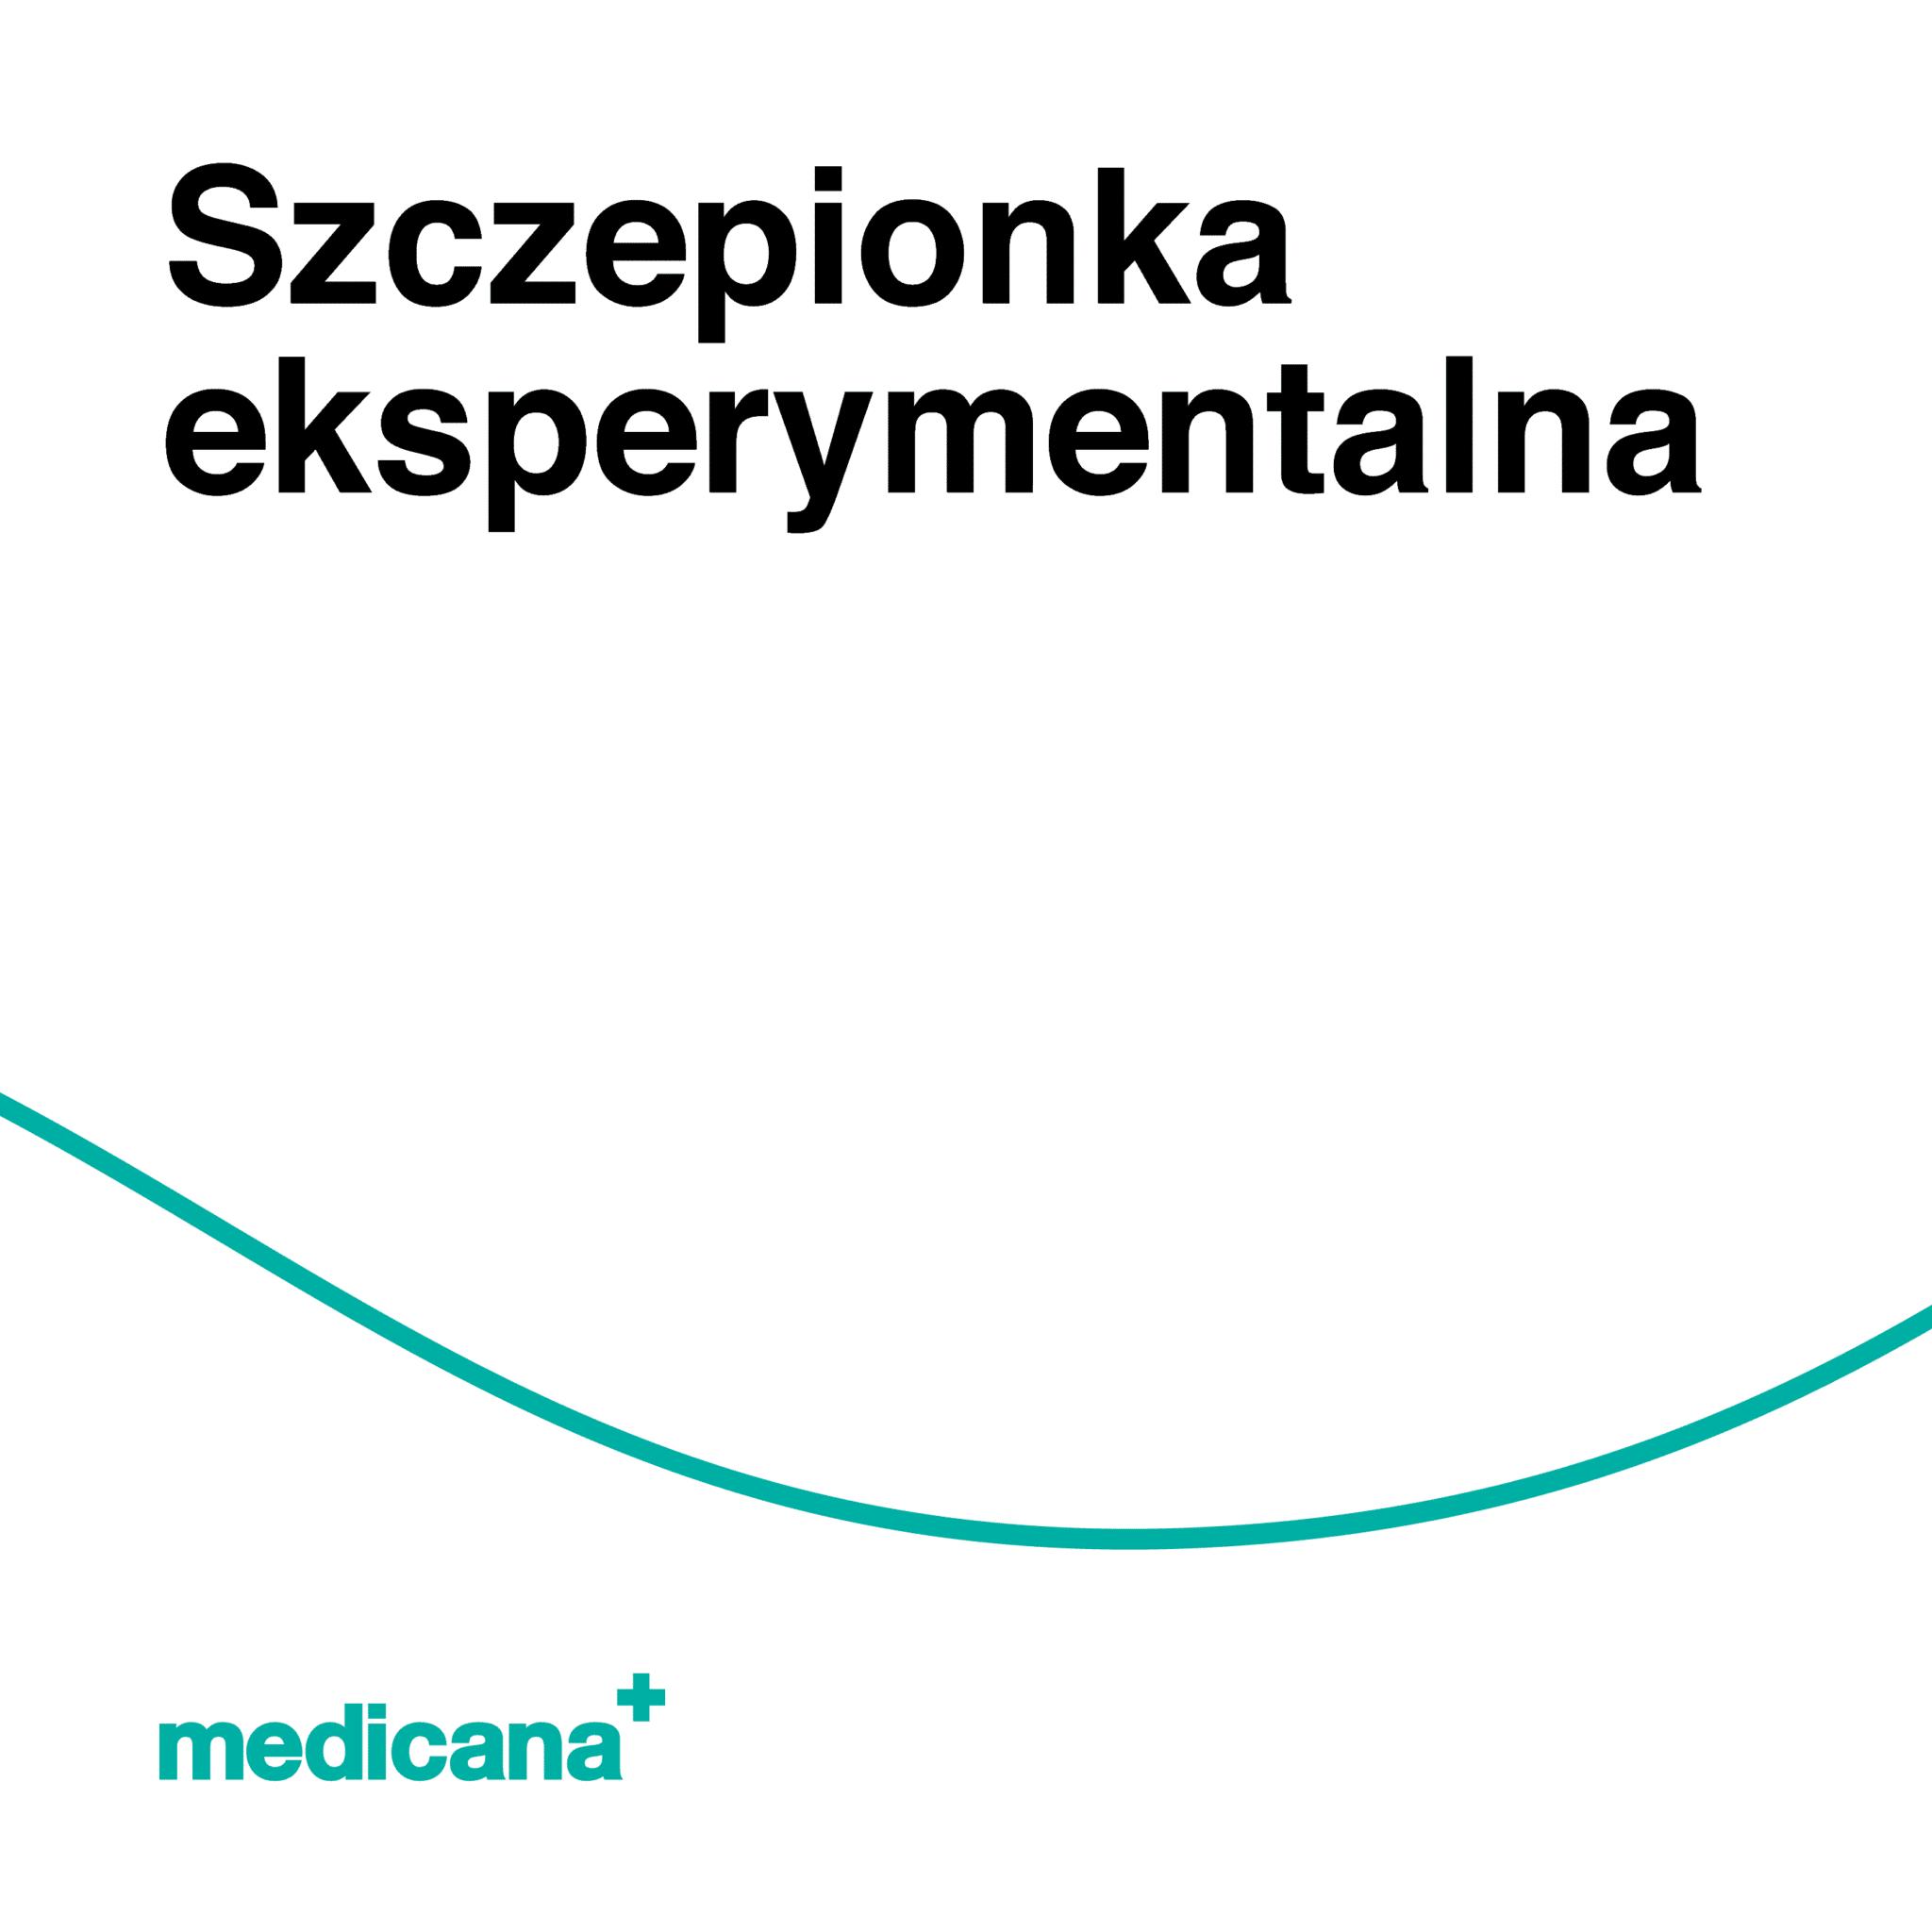 Grafika, białe tło z zieloną linią, czarnym napisem Szczepionka eksperymentalna (Jak zatrzymać skutki syntetycznych kannabinoidów?) oraz zielonym logo Medicana w lewym dolnym rogu.